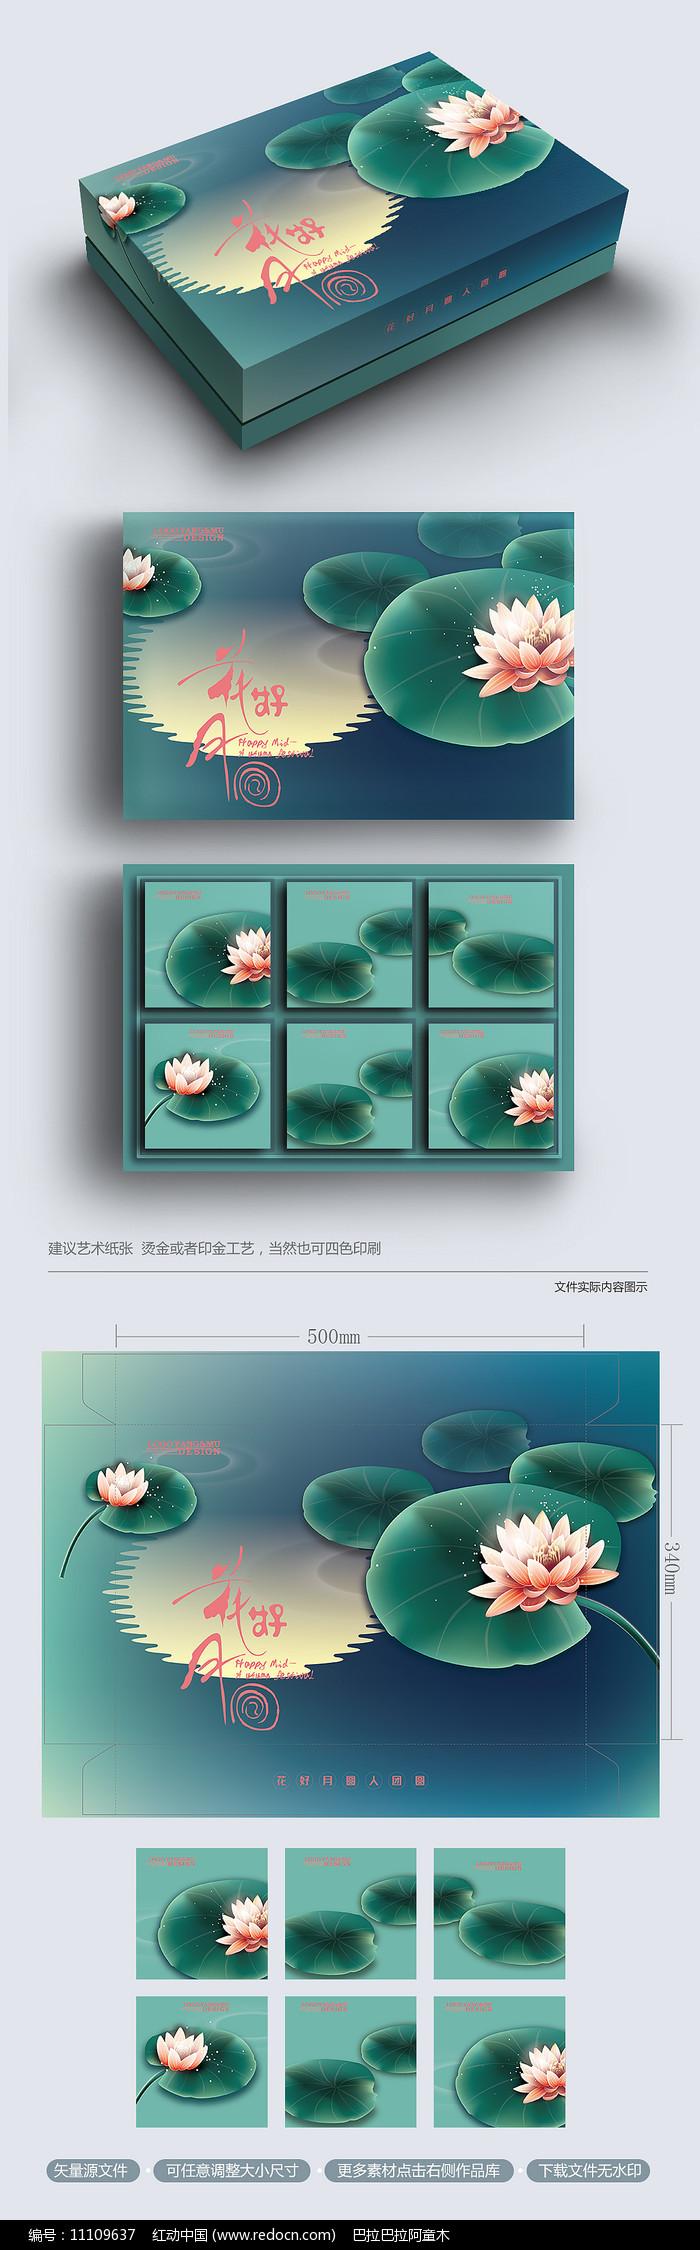 中国风荷花高端月饼包装礼盒图片